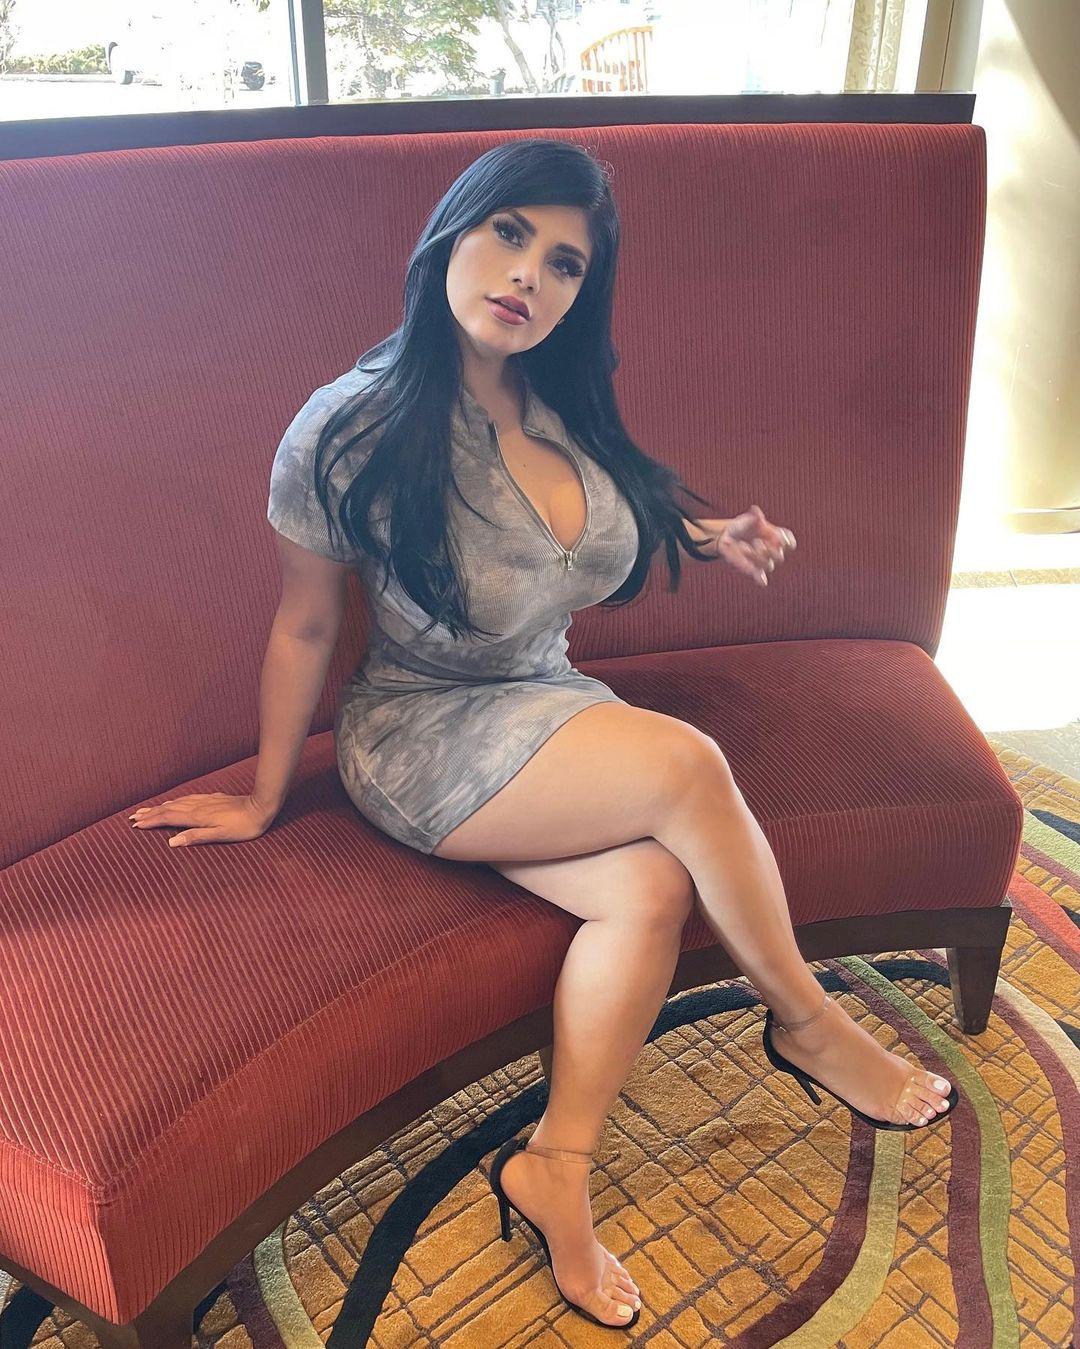 USA Colorado Actress